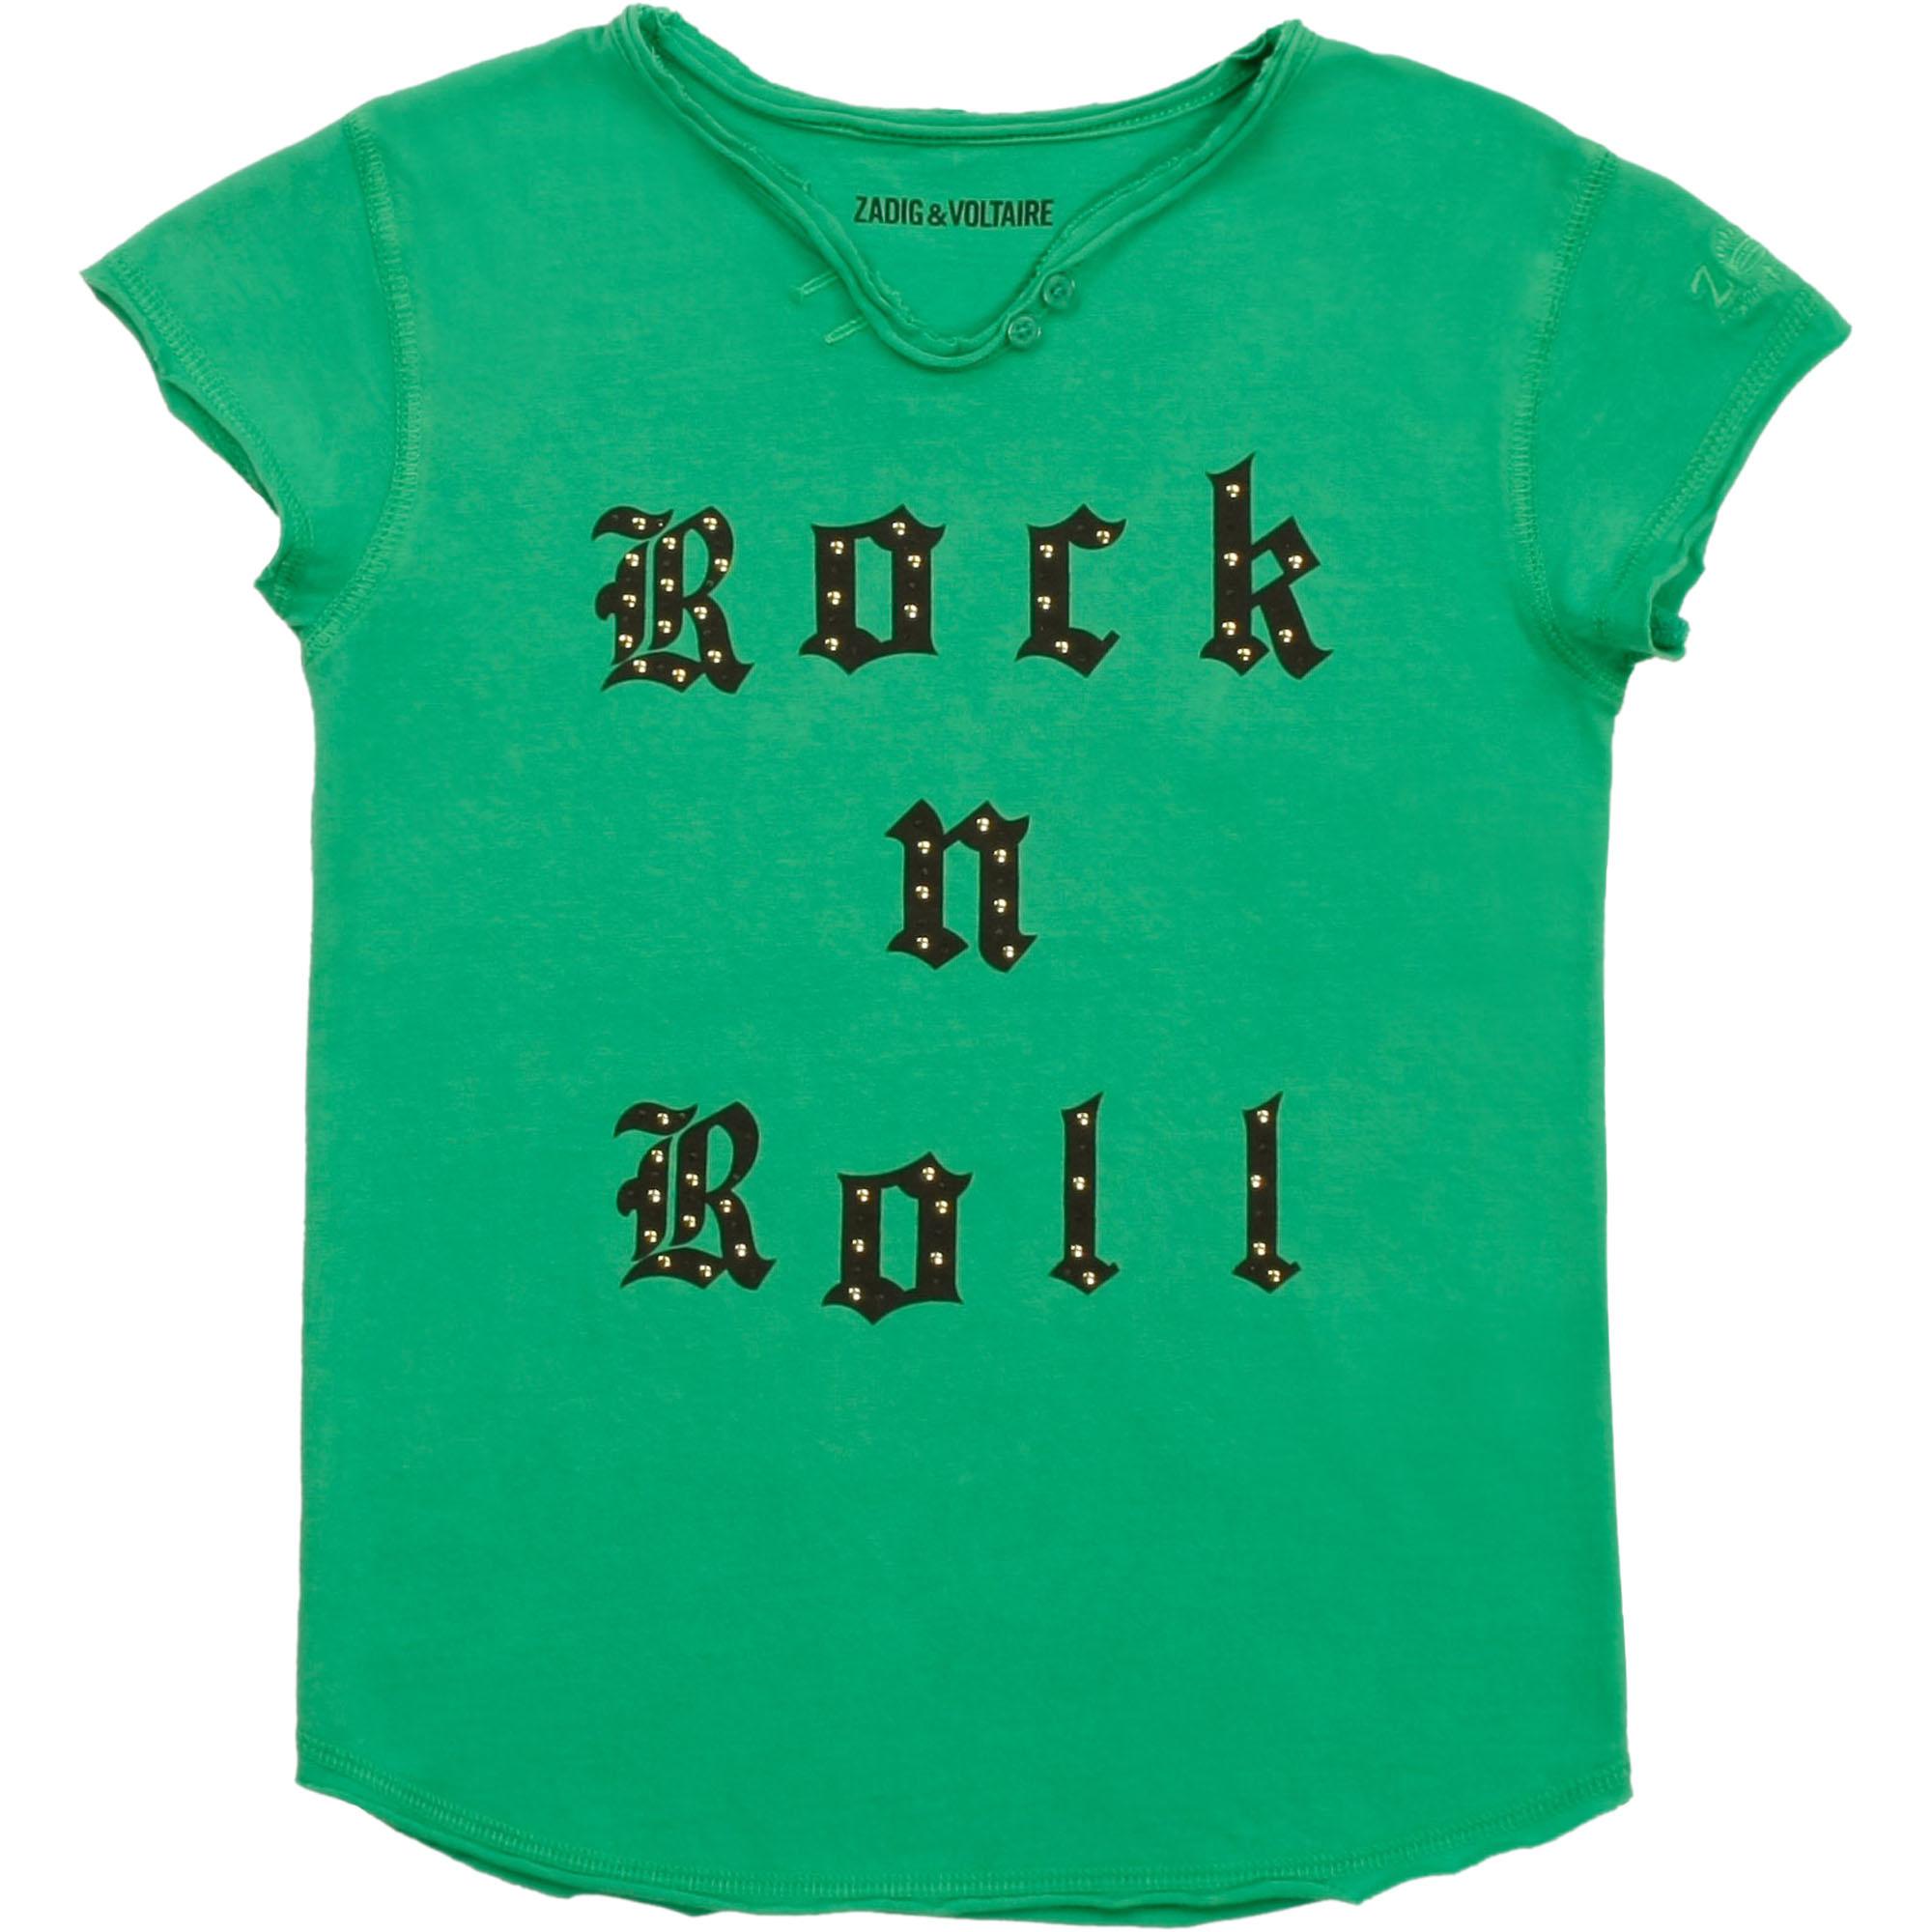 ZADIG&VOLTAIRE t-shirt imprimé avec broderie-1